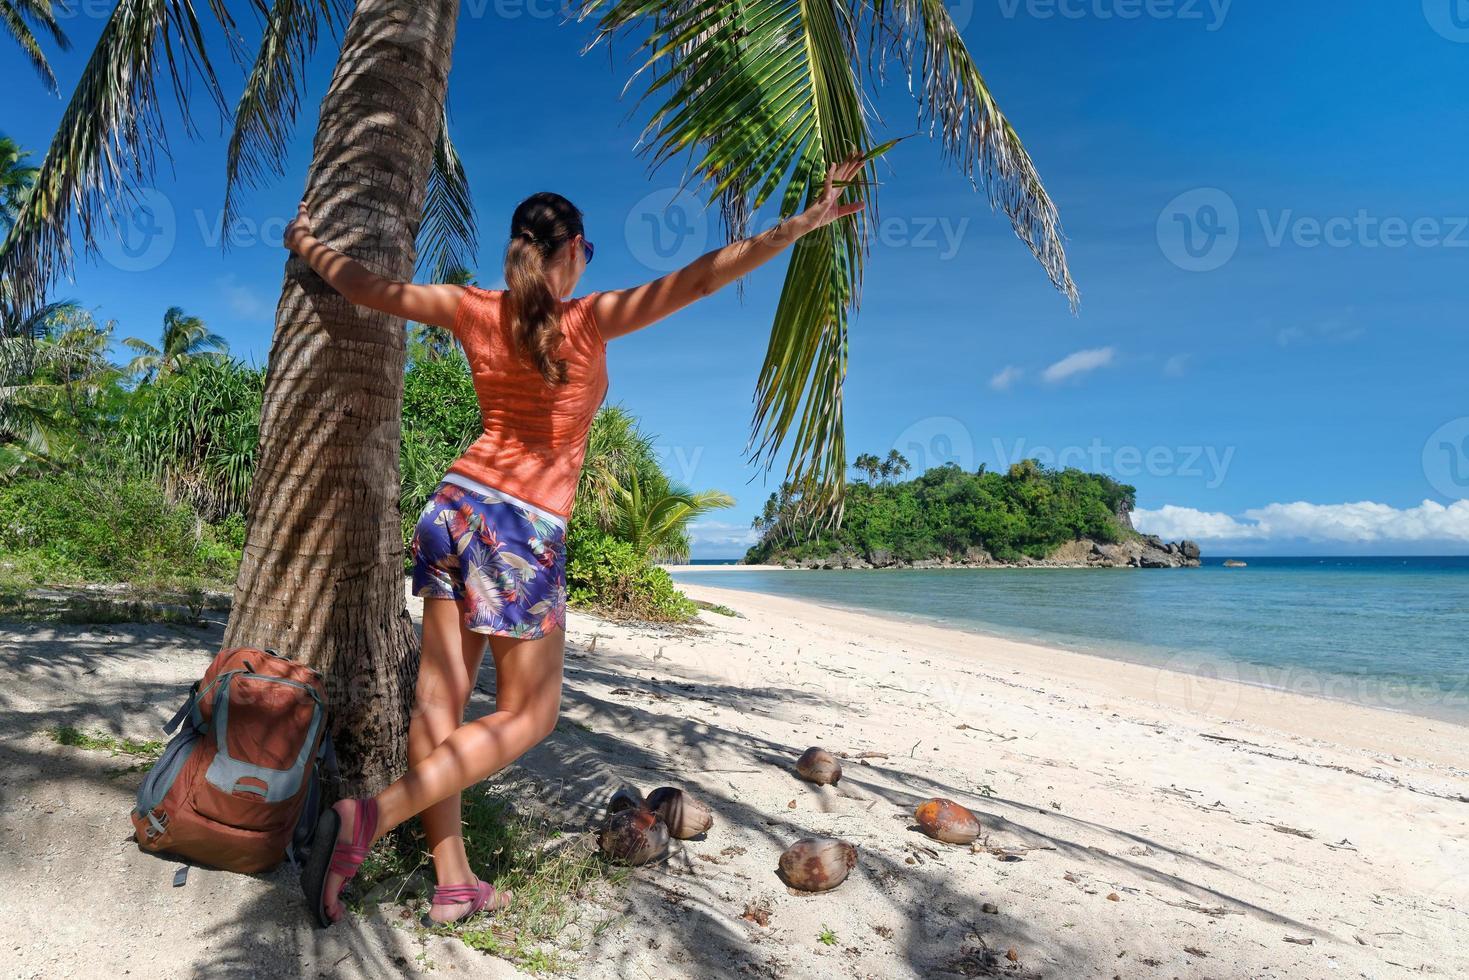 garota turista apreciando a vista da bela ilha e praia. foto